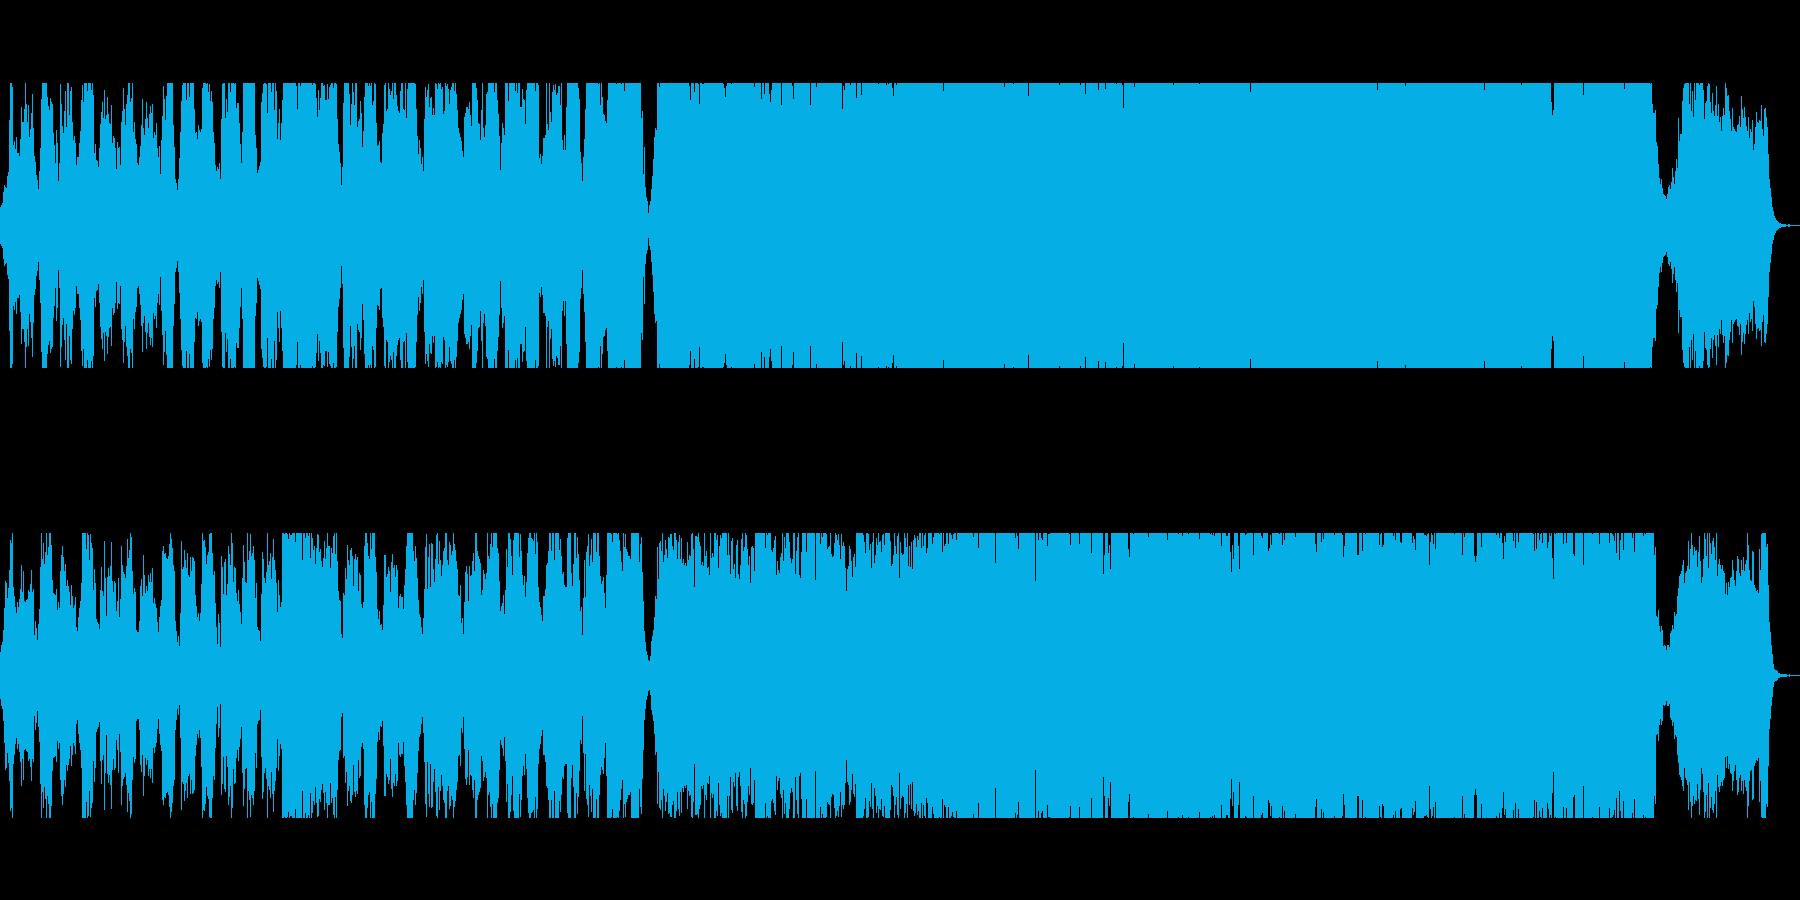 和風:大河ドラマ風オーケストラの再生済みの波形